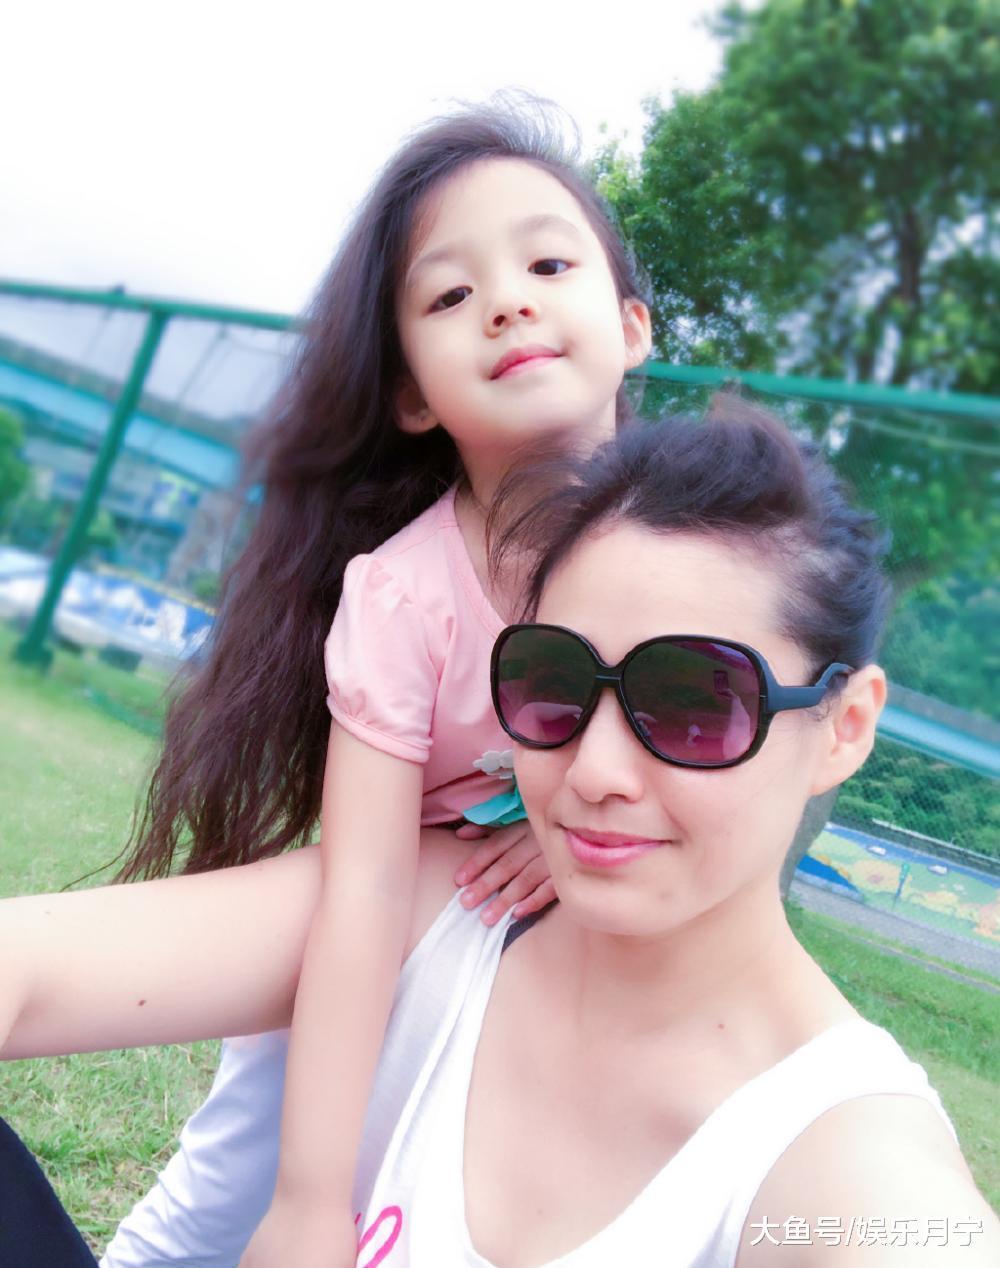 刘耕宏妻子晒女儿照片, 小泡芙依旧软萌可爱, 治愈系笑容元气满满